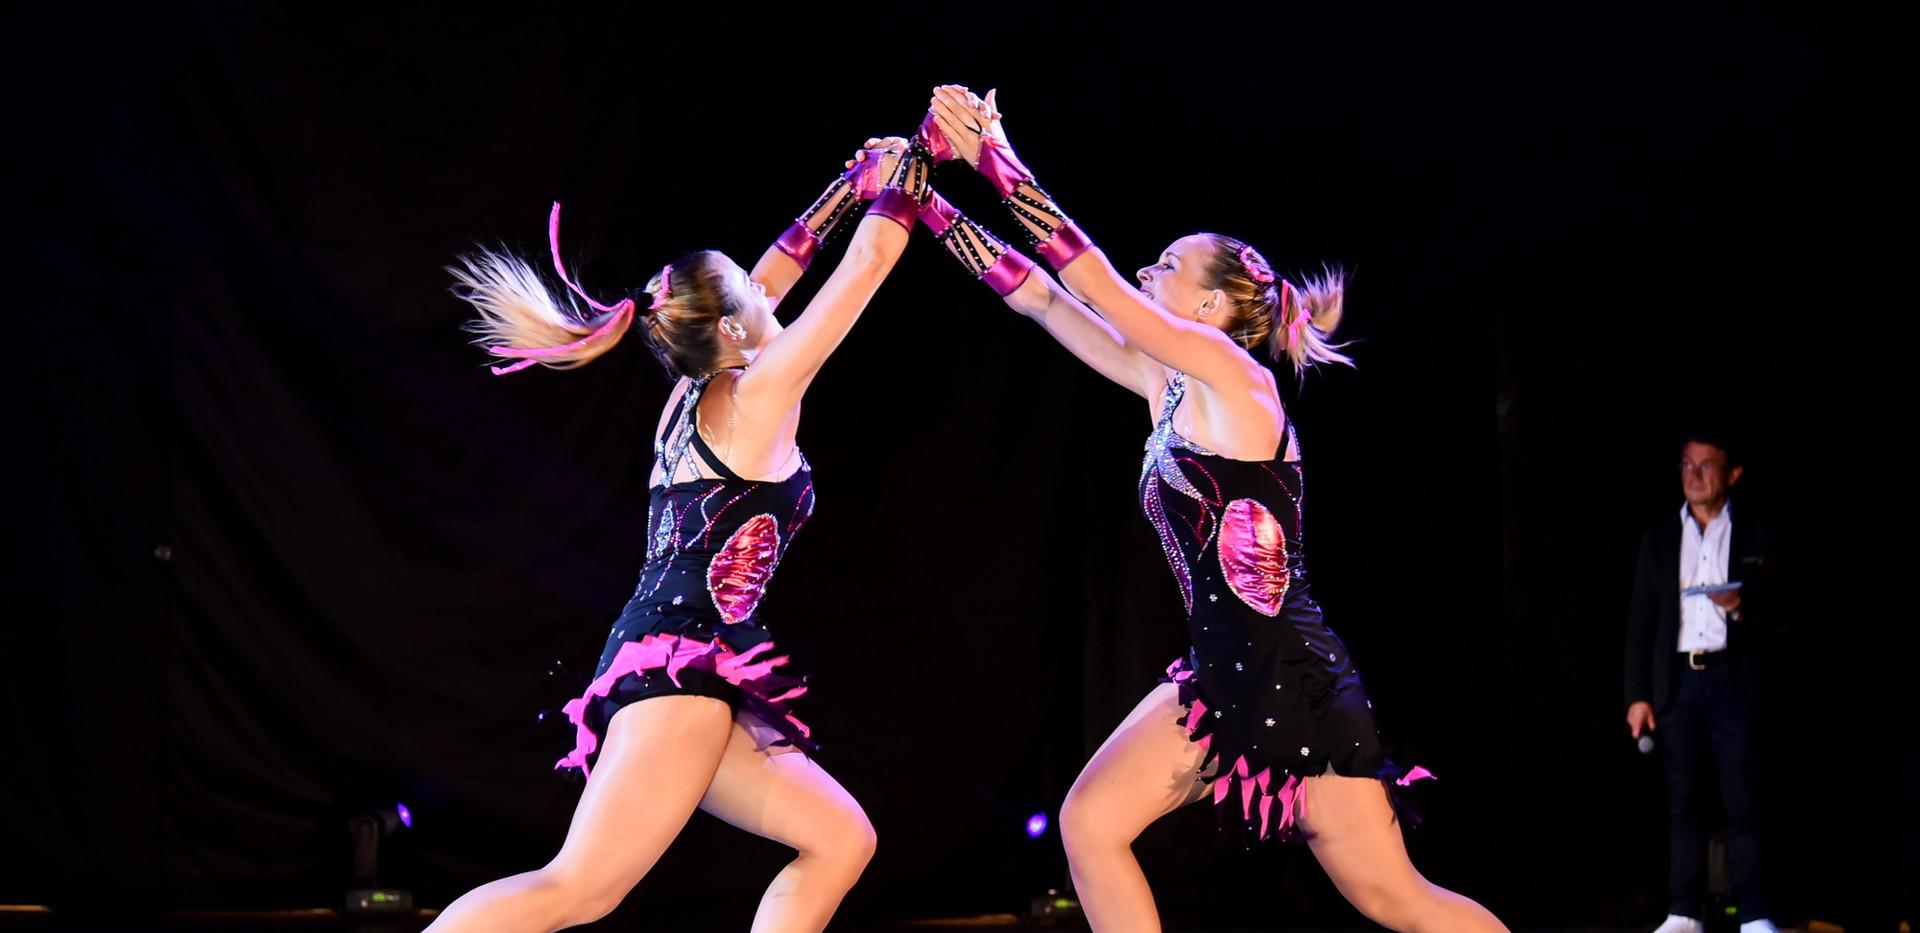 DANCE SHOW 19 - Aurélie & Alexandra (10)